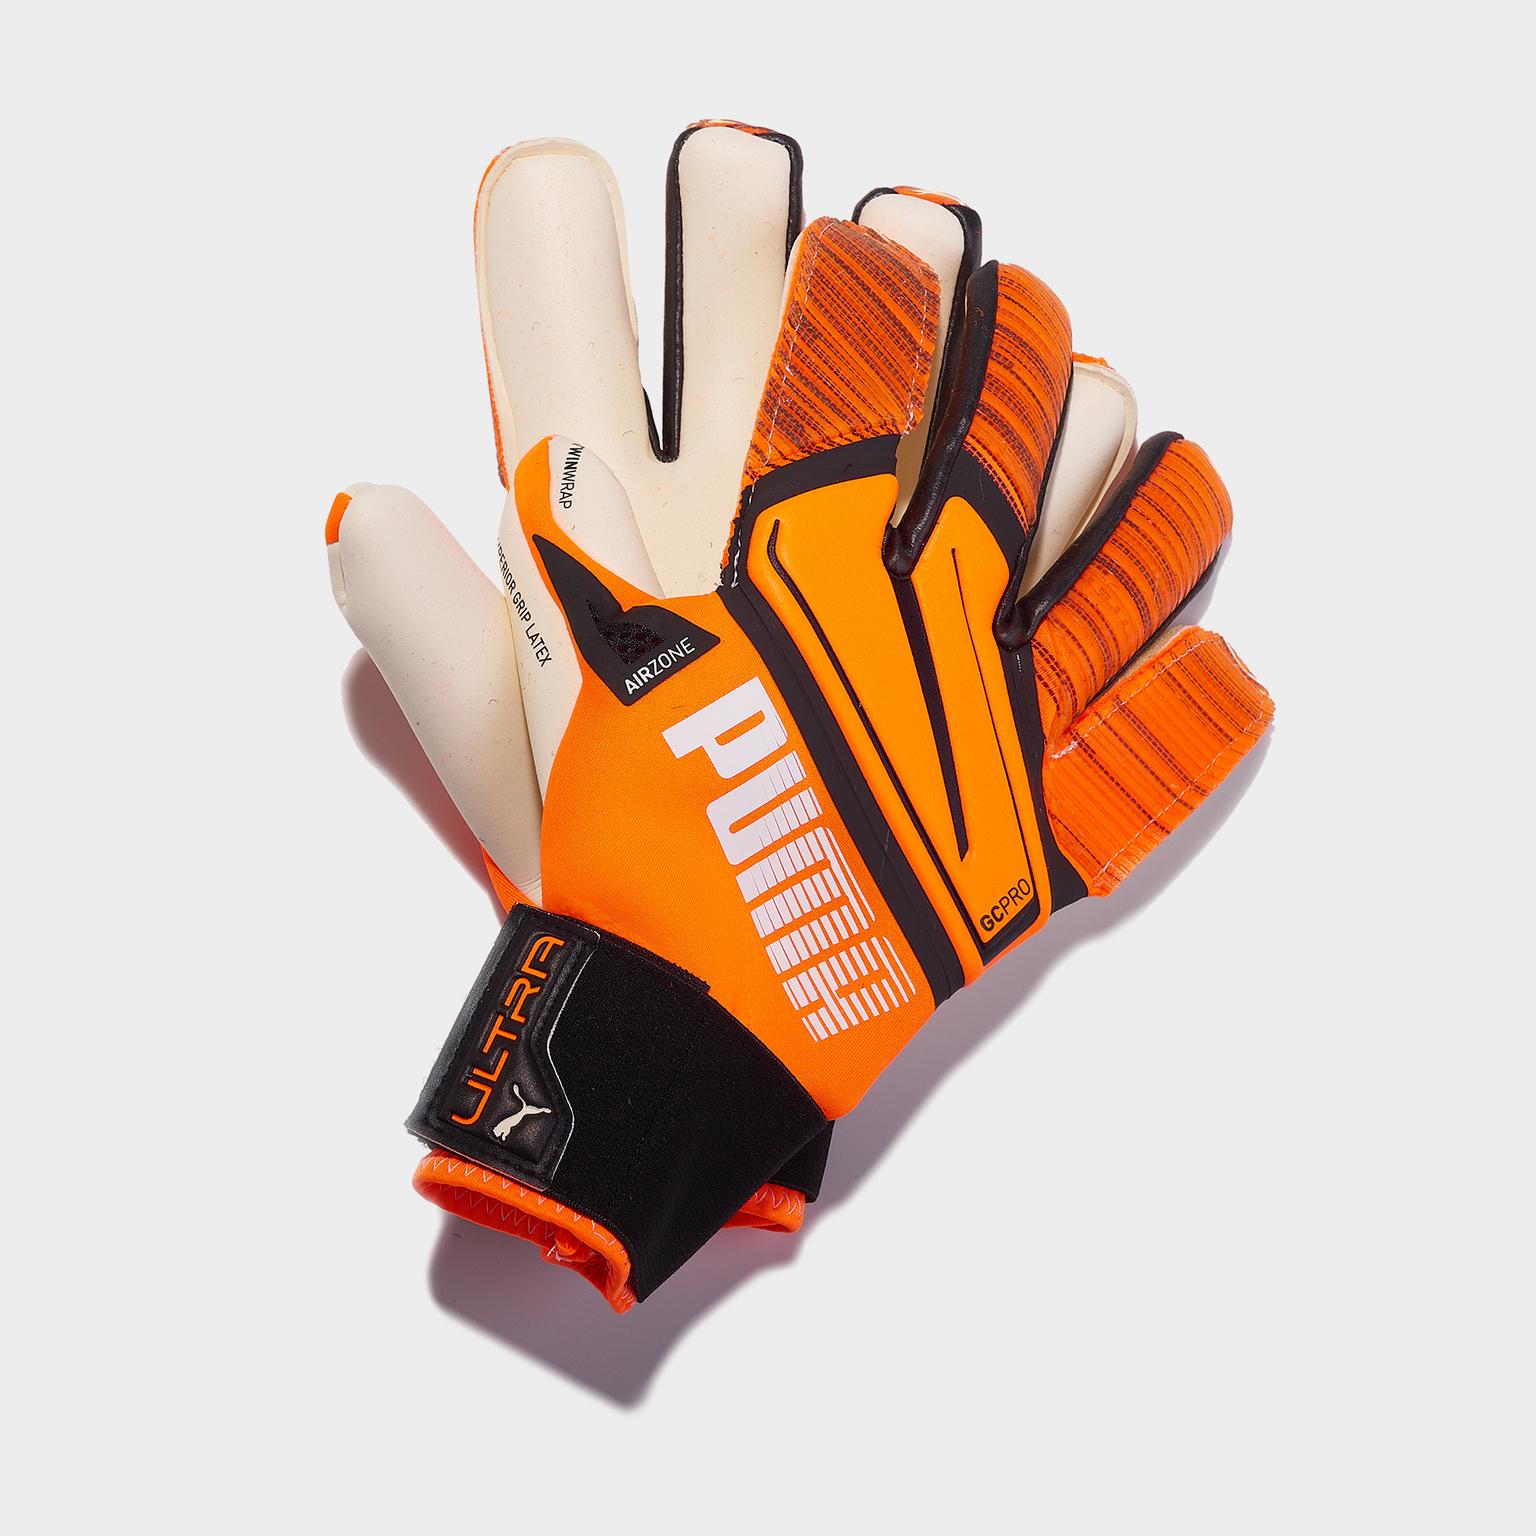 Перчатки вратарские Puma Ultra Grip 1 Hybrid Pro 04169601 перчатки вратарские nike vapor grip 3 cn5650 011